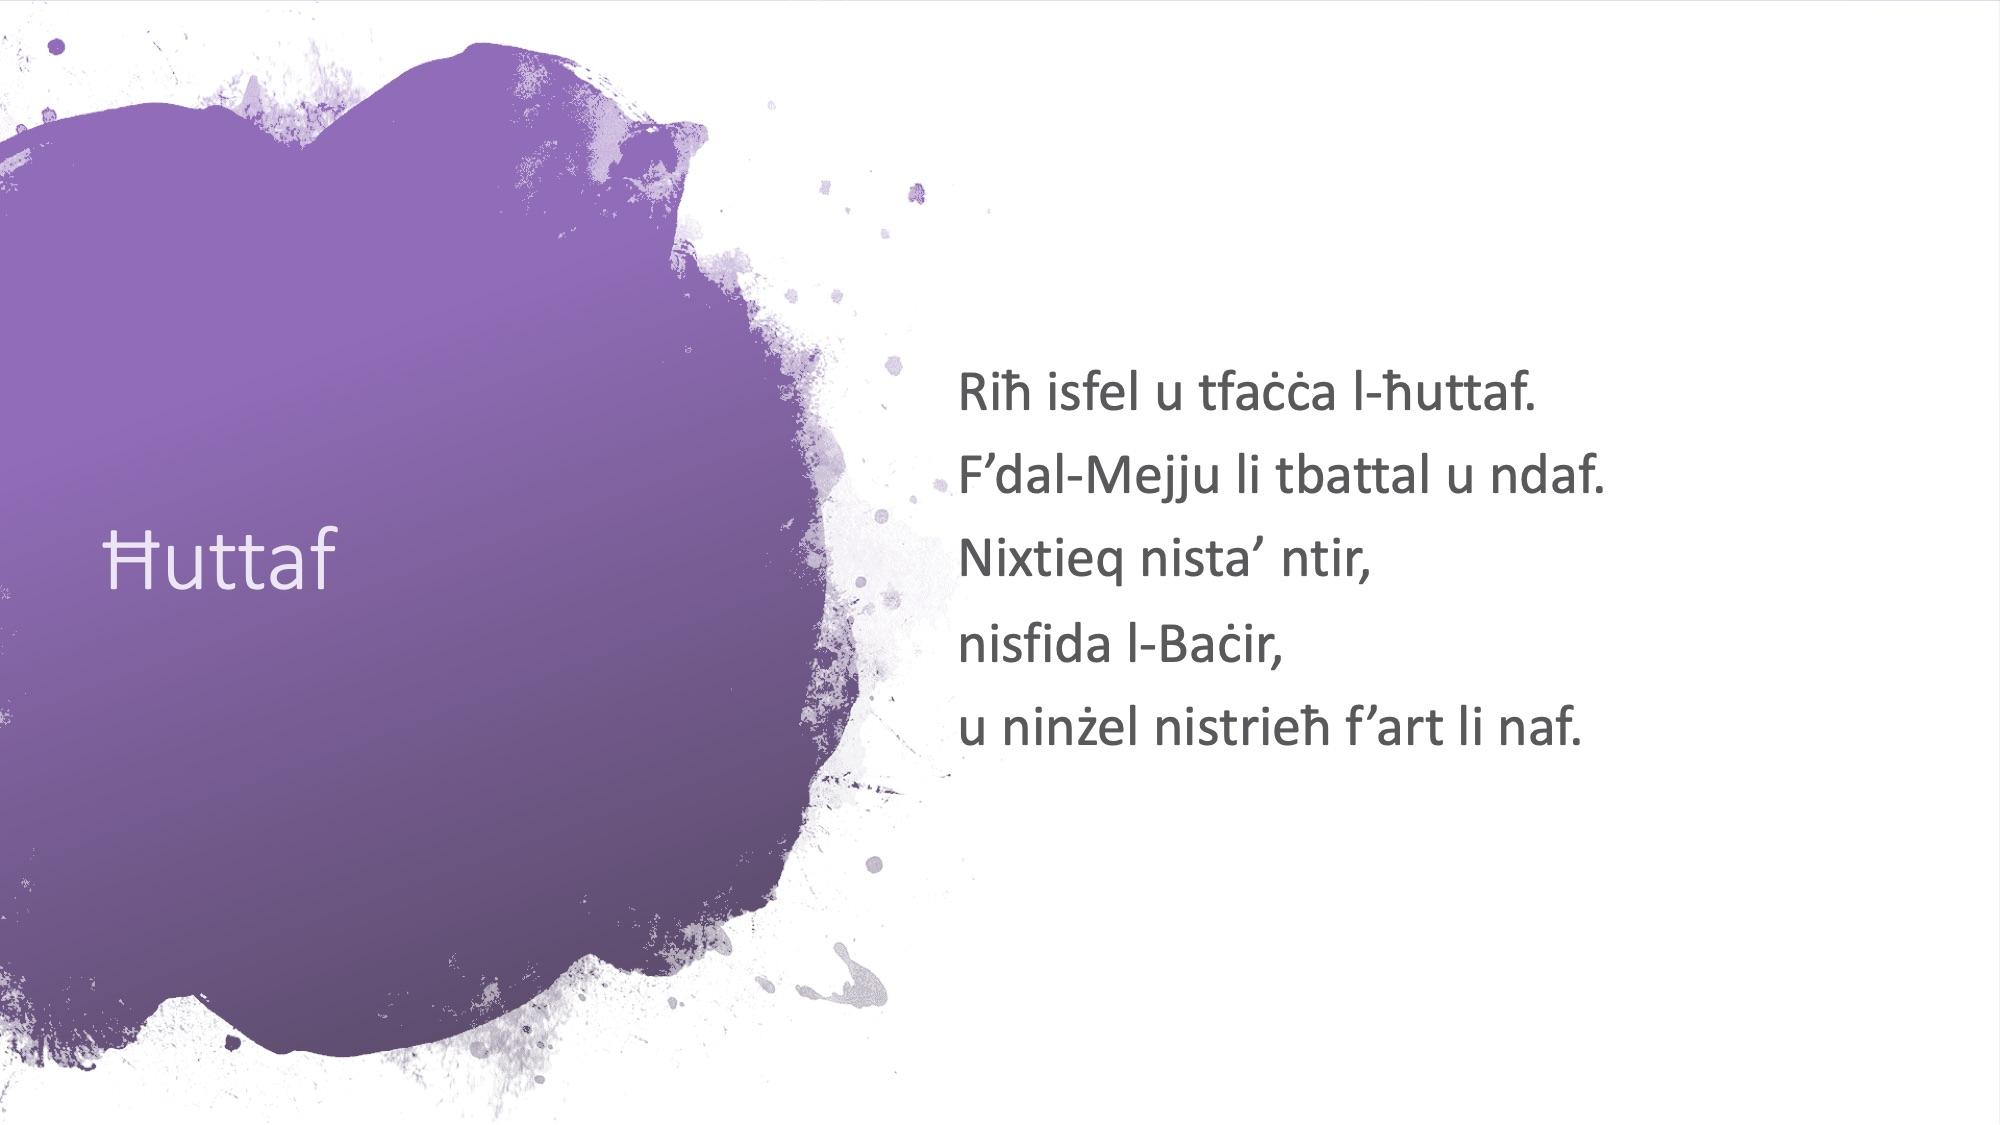 Il-Limerikki tal-Covid-19 - Ħuttaf - 2